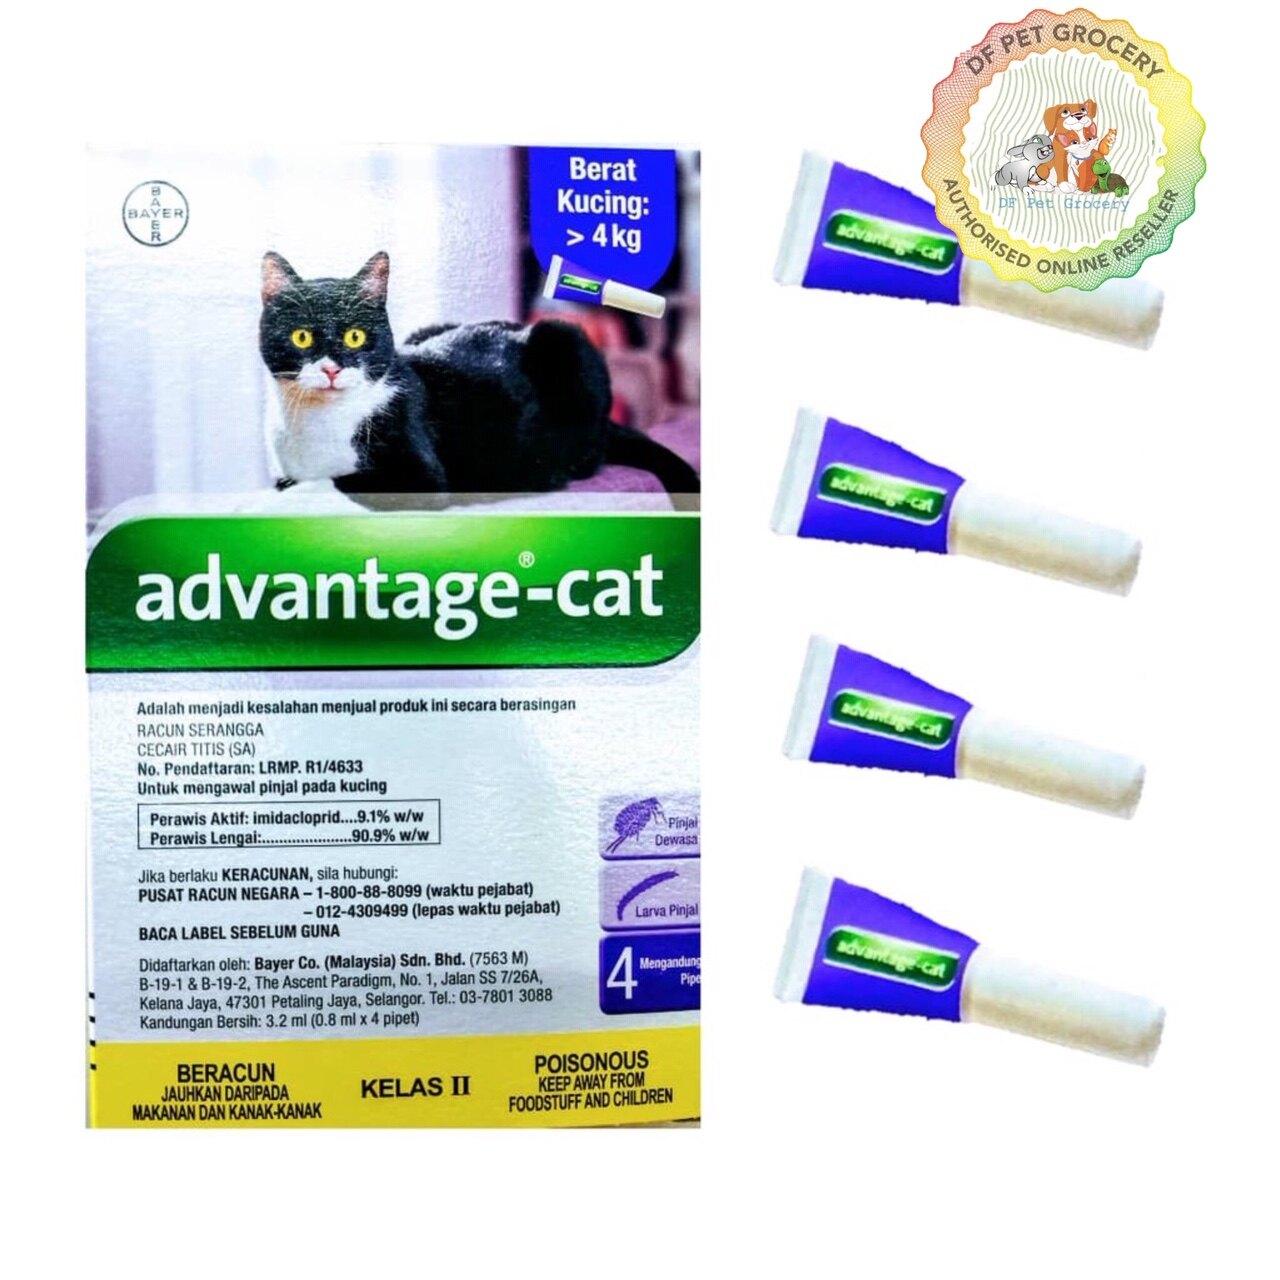 Advantage Cat 0.8ml x 4pcs-Cat Flea, Lice & Tick Control